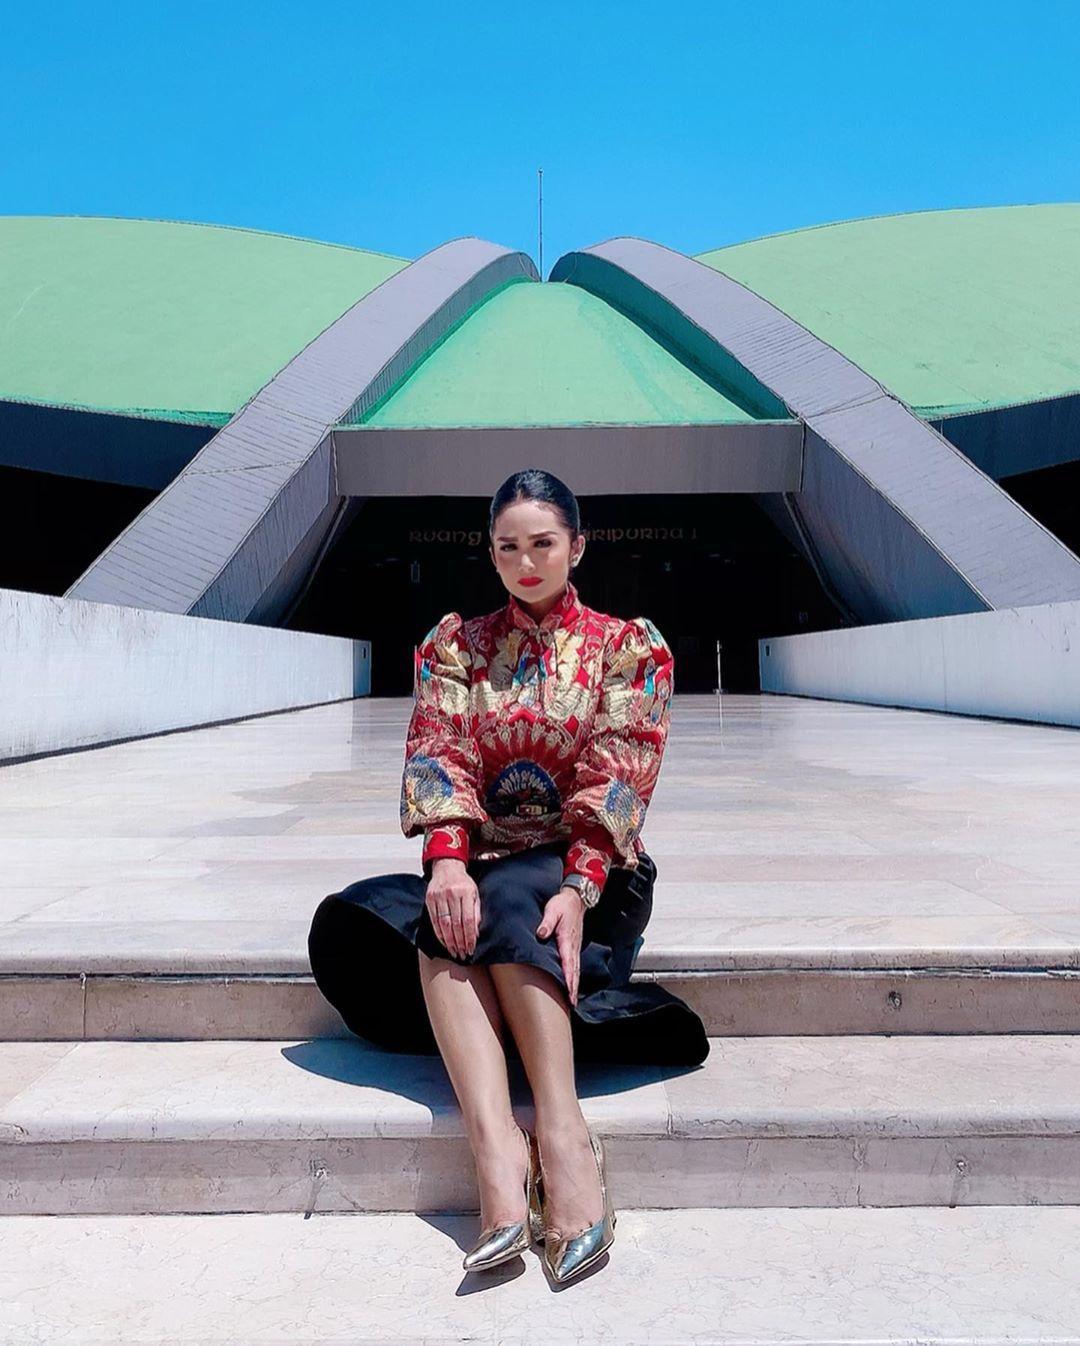 Gaya Artis Perempuan yang Kini Menjabat sebagai Anggota DPR RI